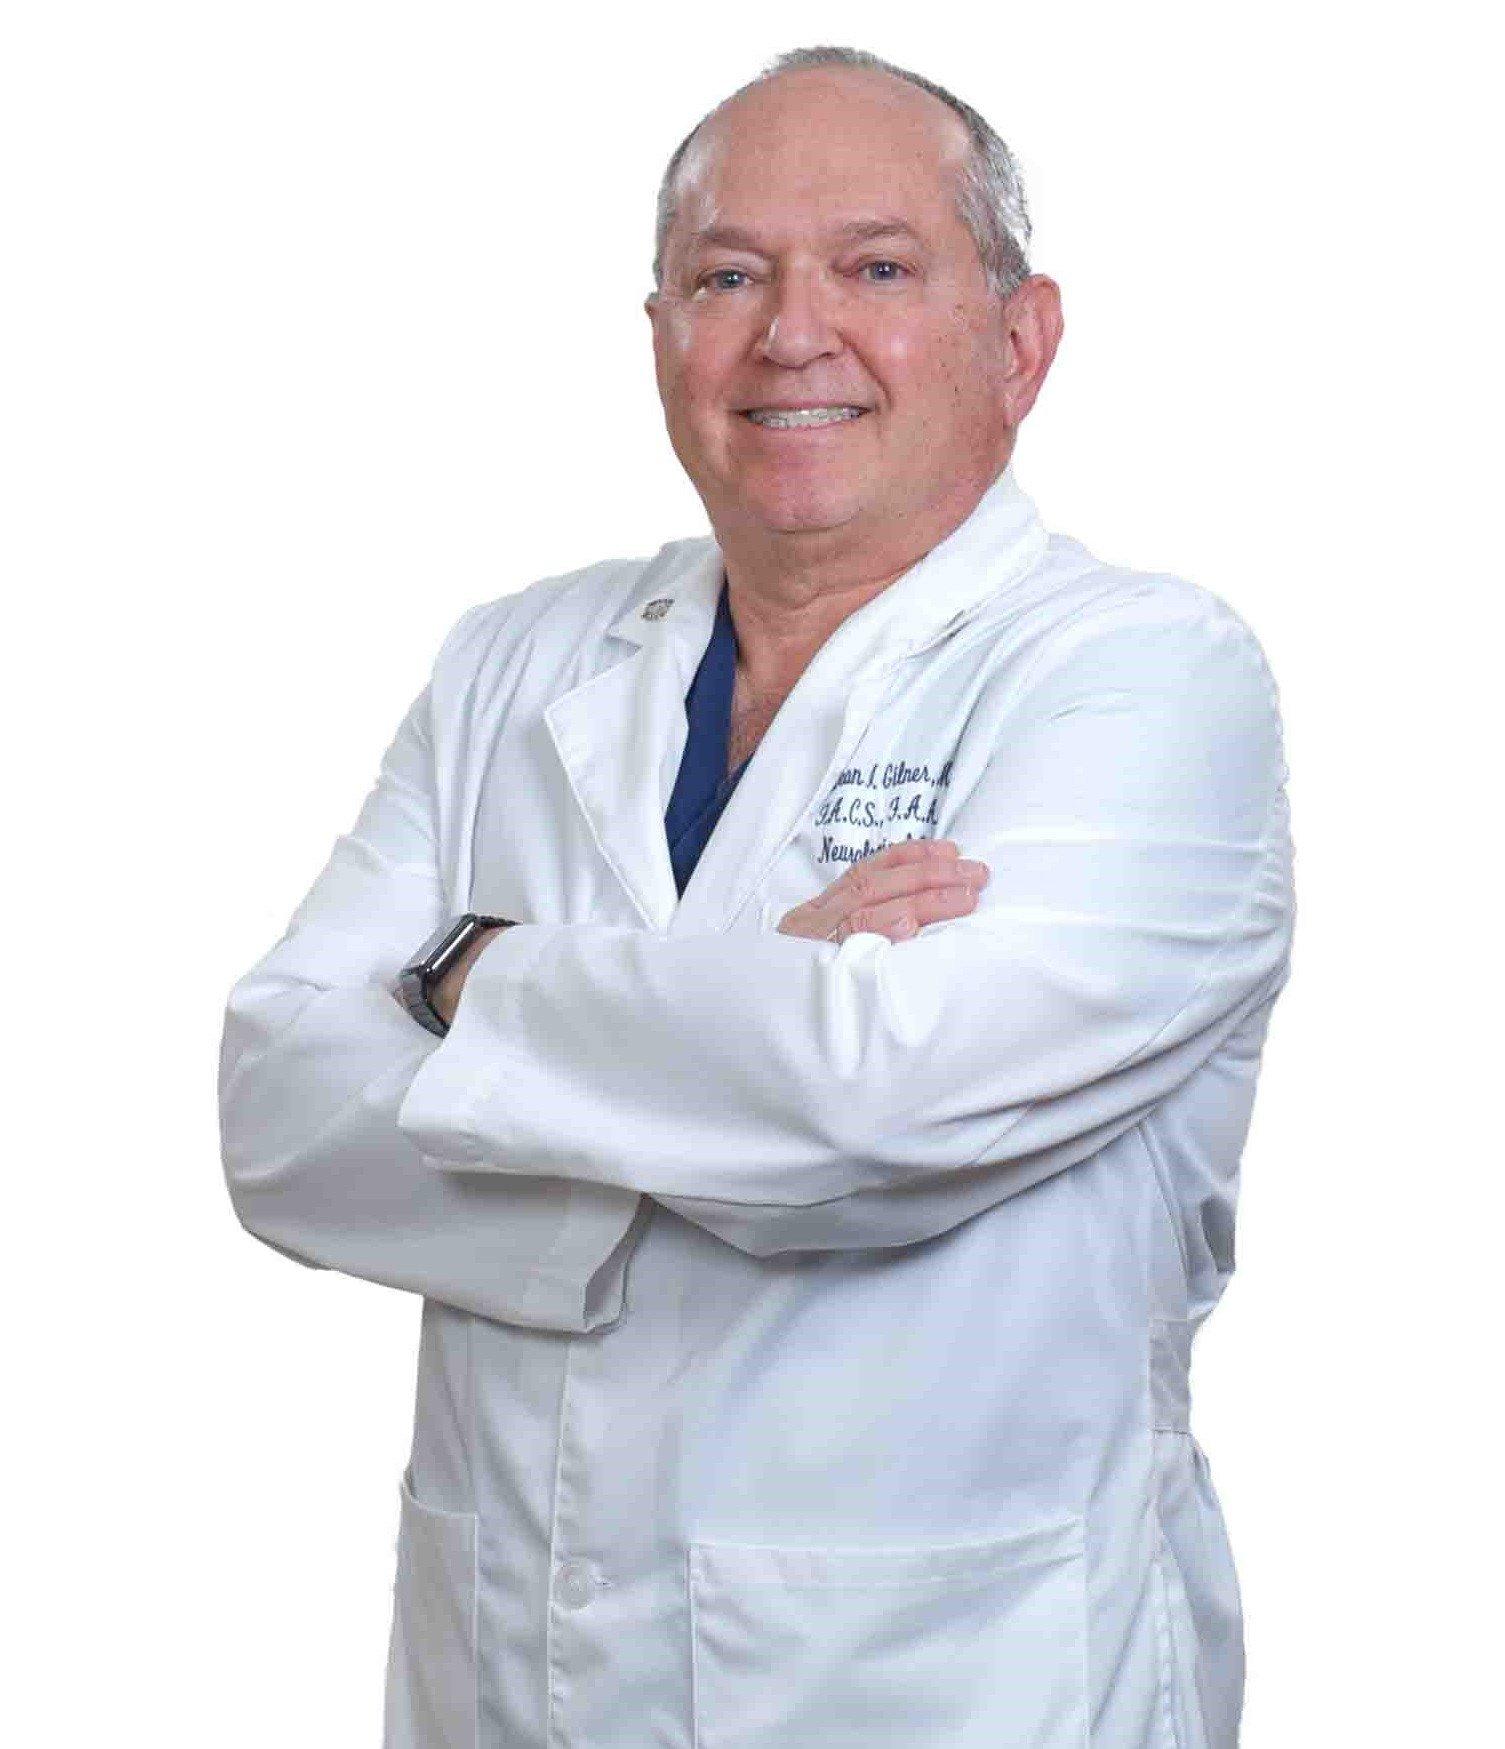 Dr. Gilner